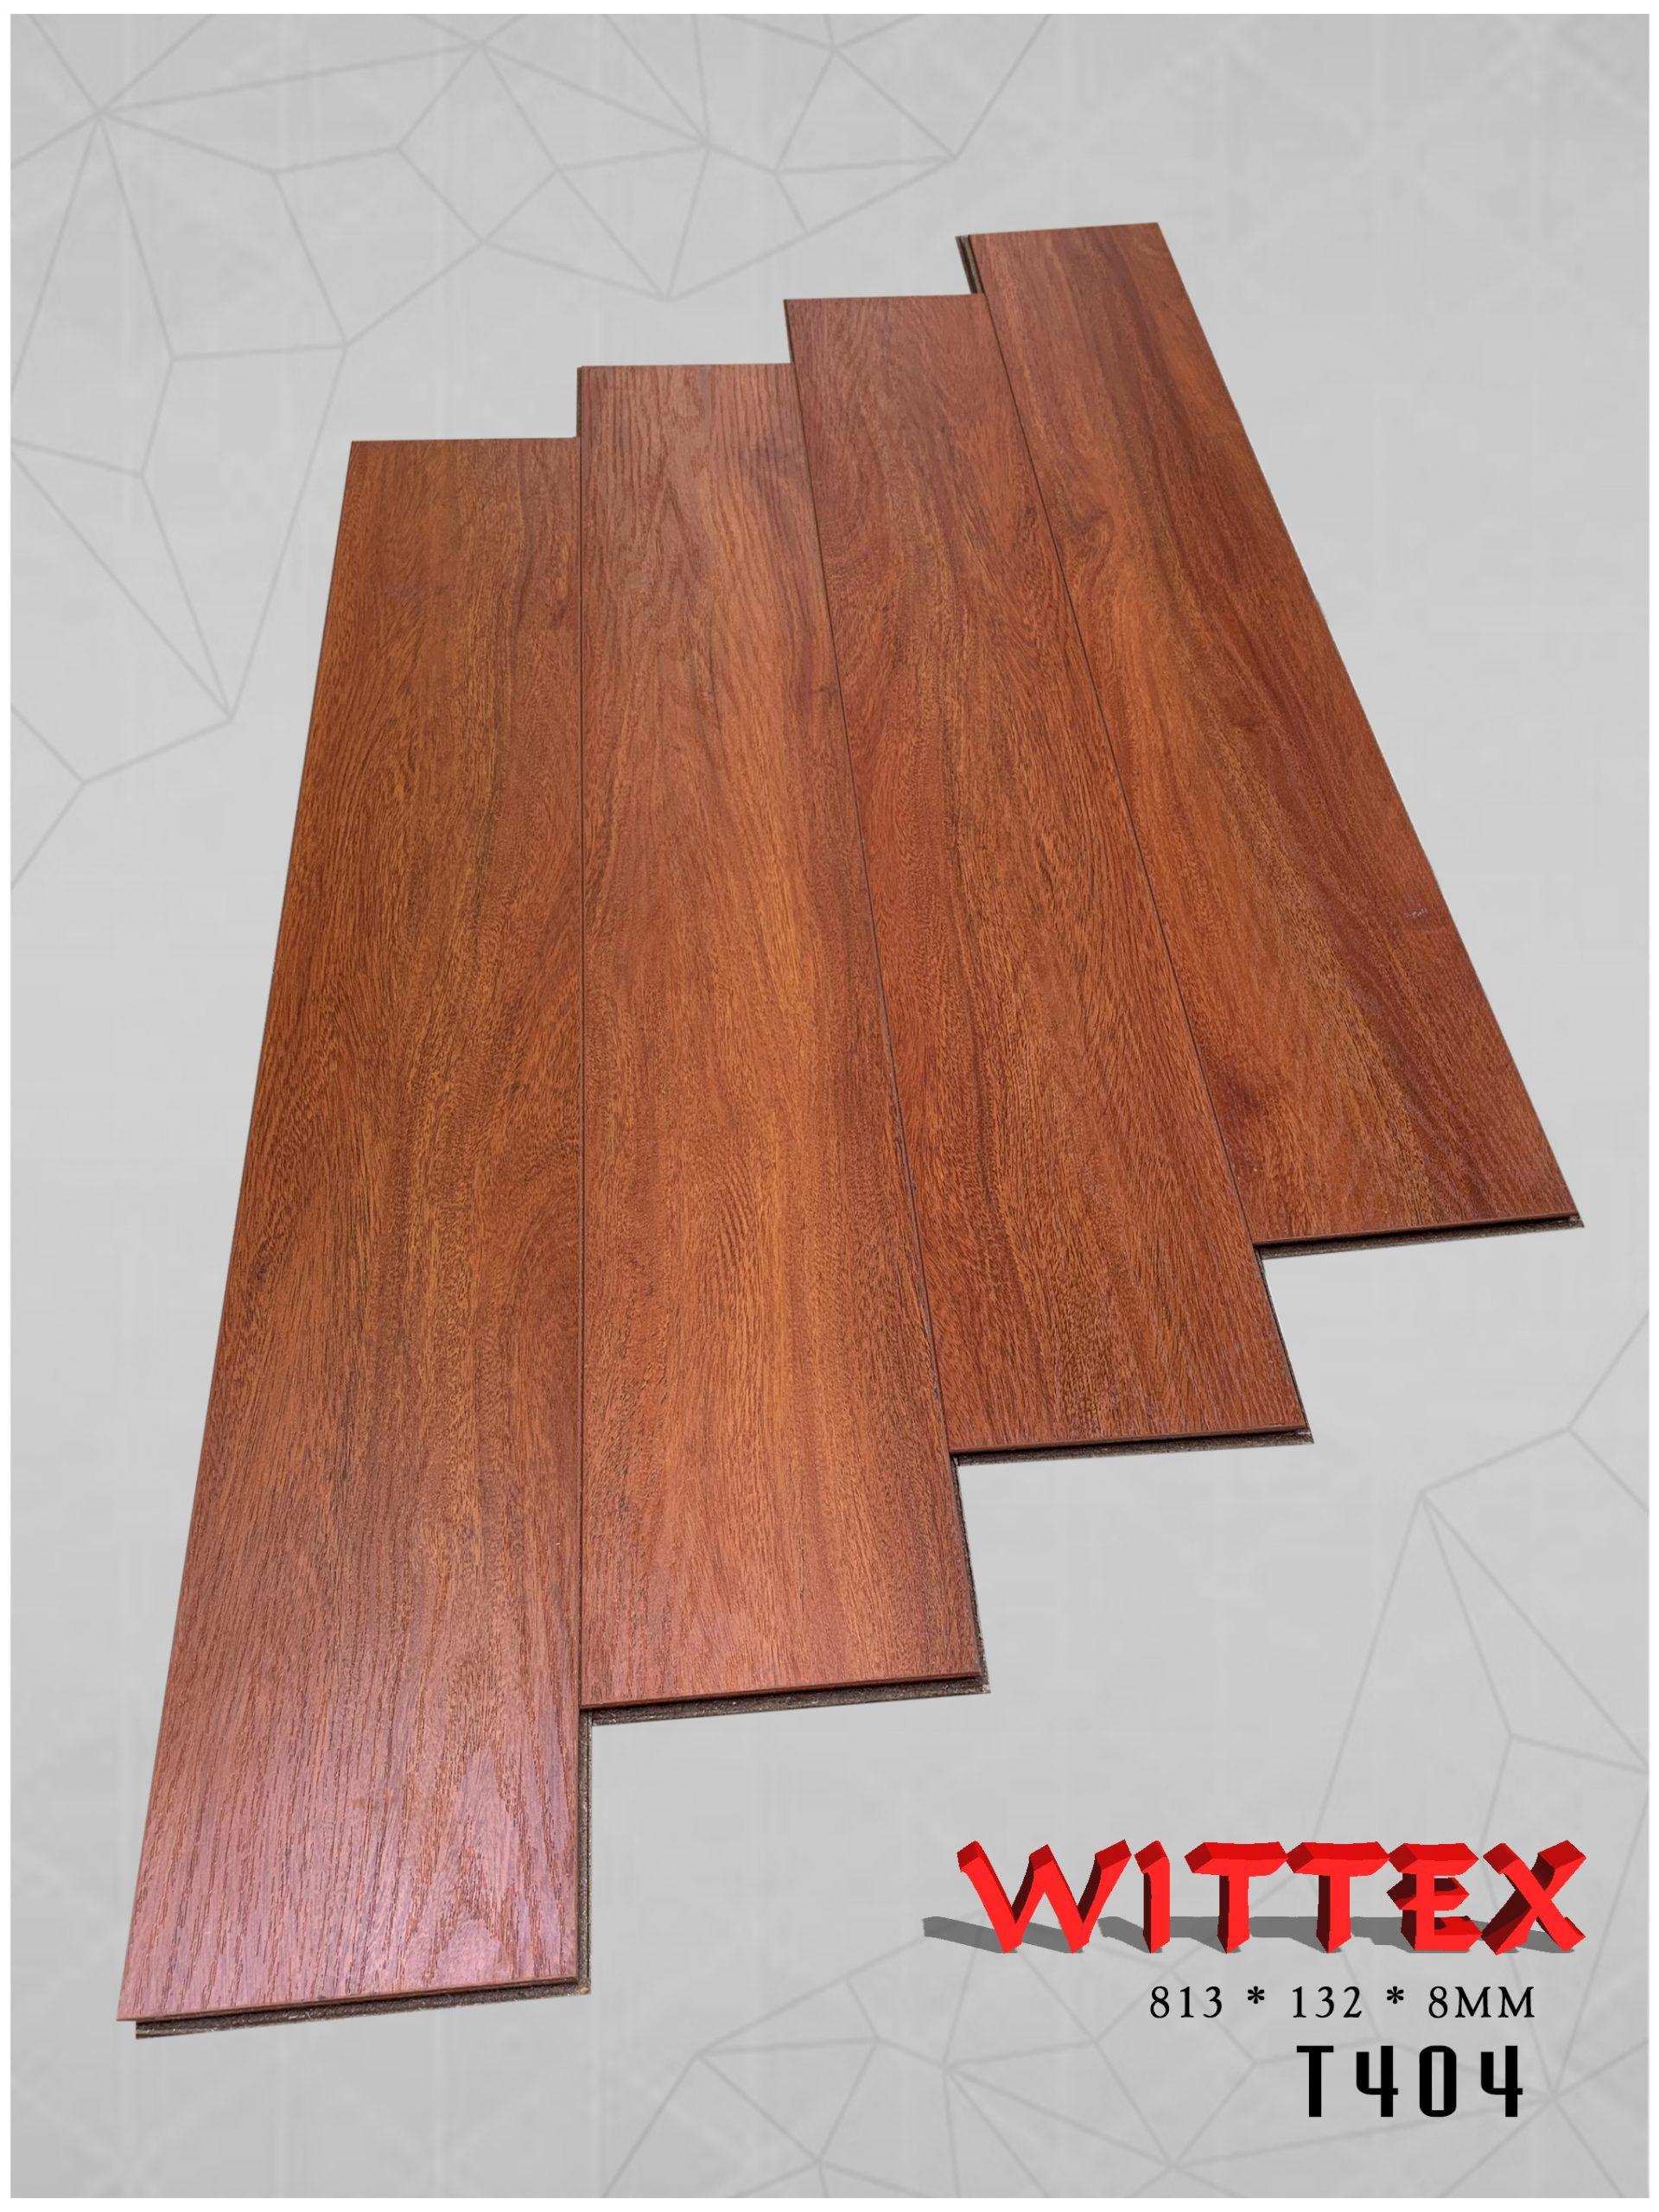 wittex t404